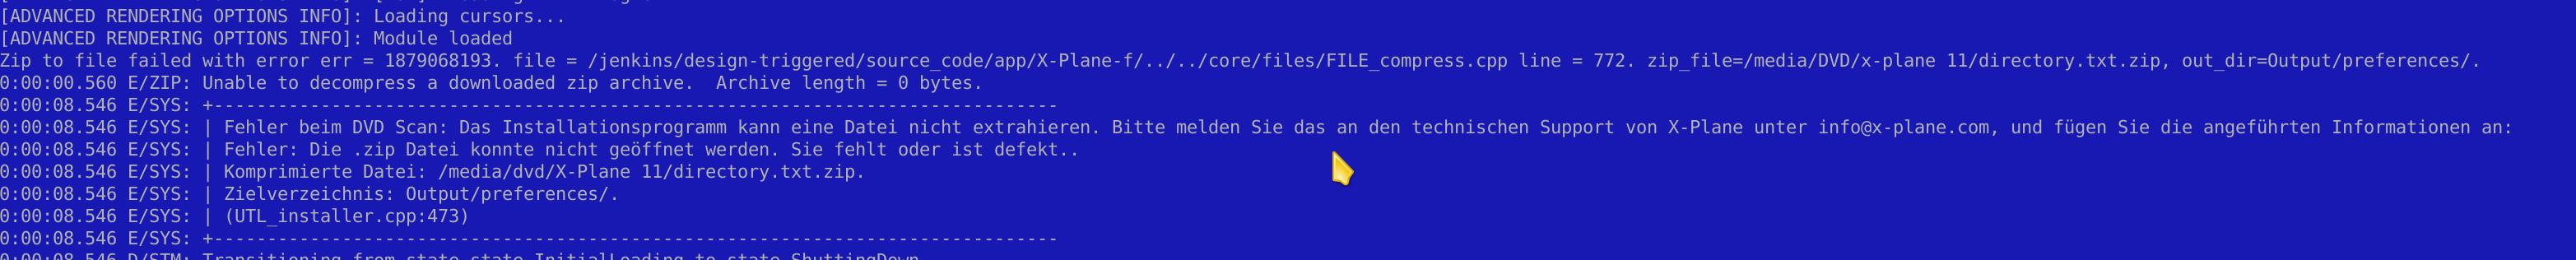 log-file